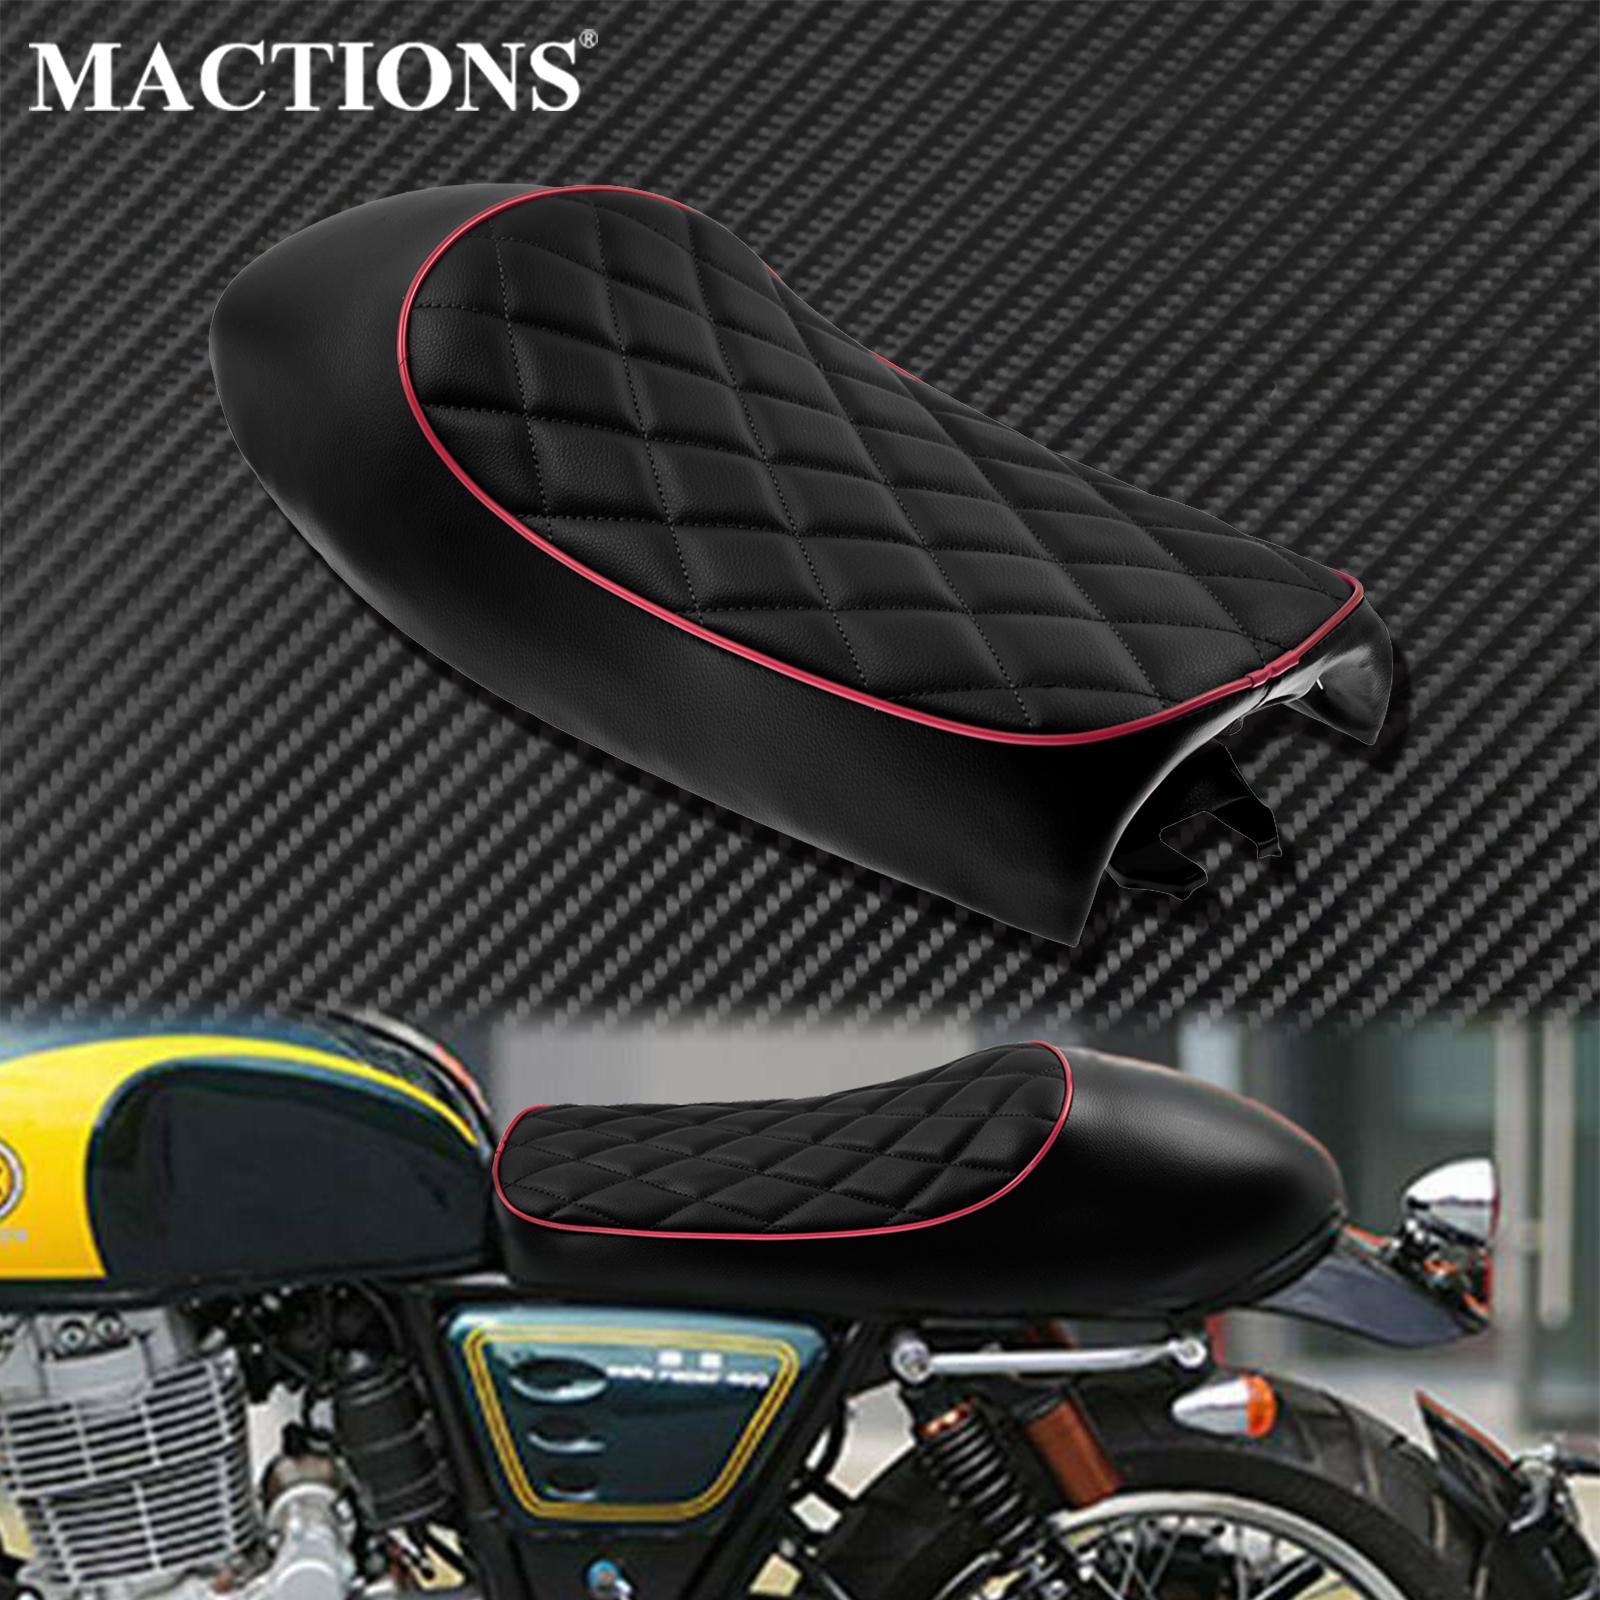 مقعد دراجة نارية عالمي مخصص ، سرج ريترو لهوندا CB CL CB200 CB350 CB400 CB550 CB750 لياماها